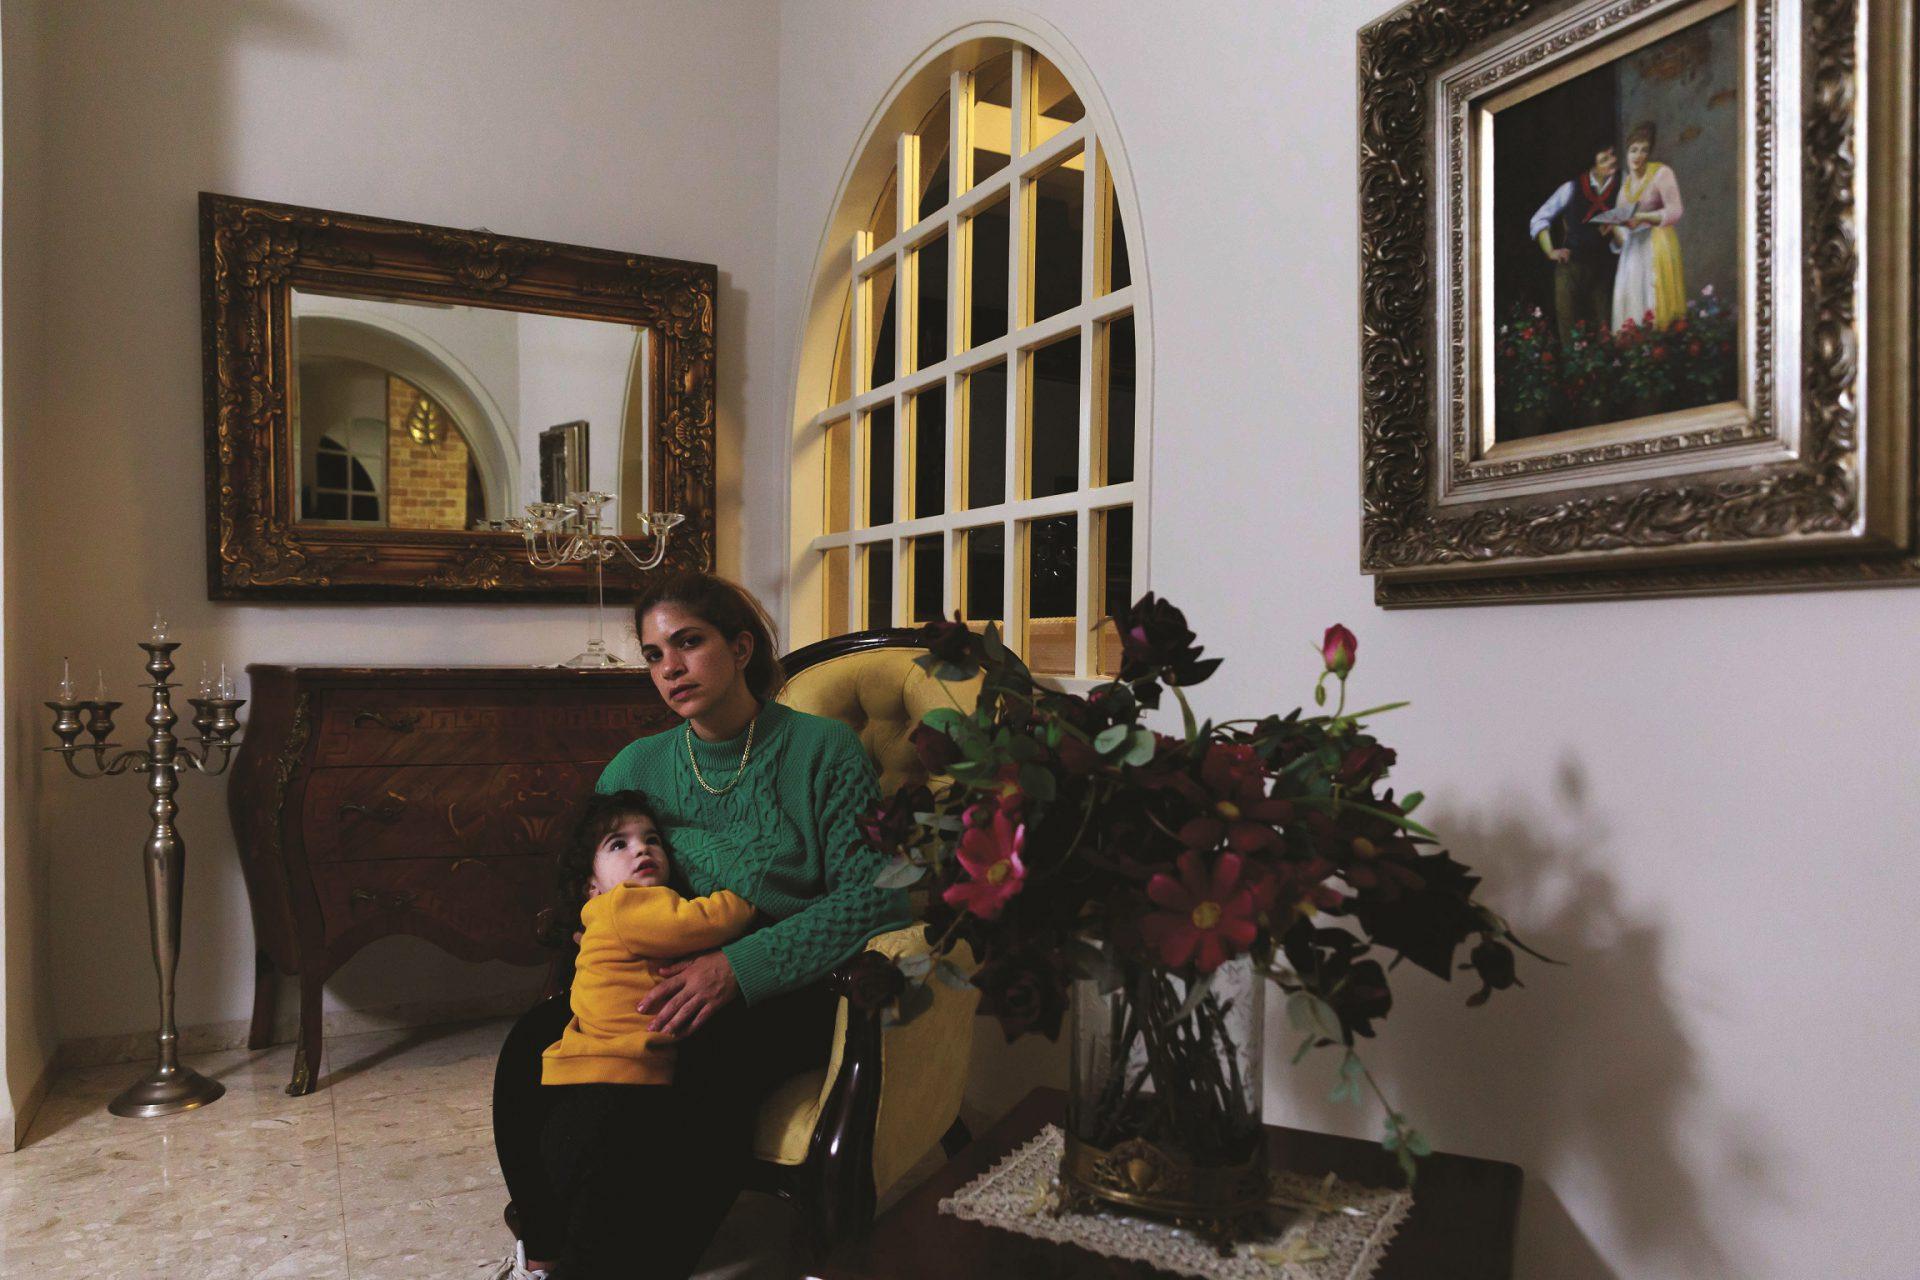 אושרי חיון בבית הוריה בשאר ישוב עם הבת אייר